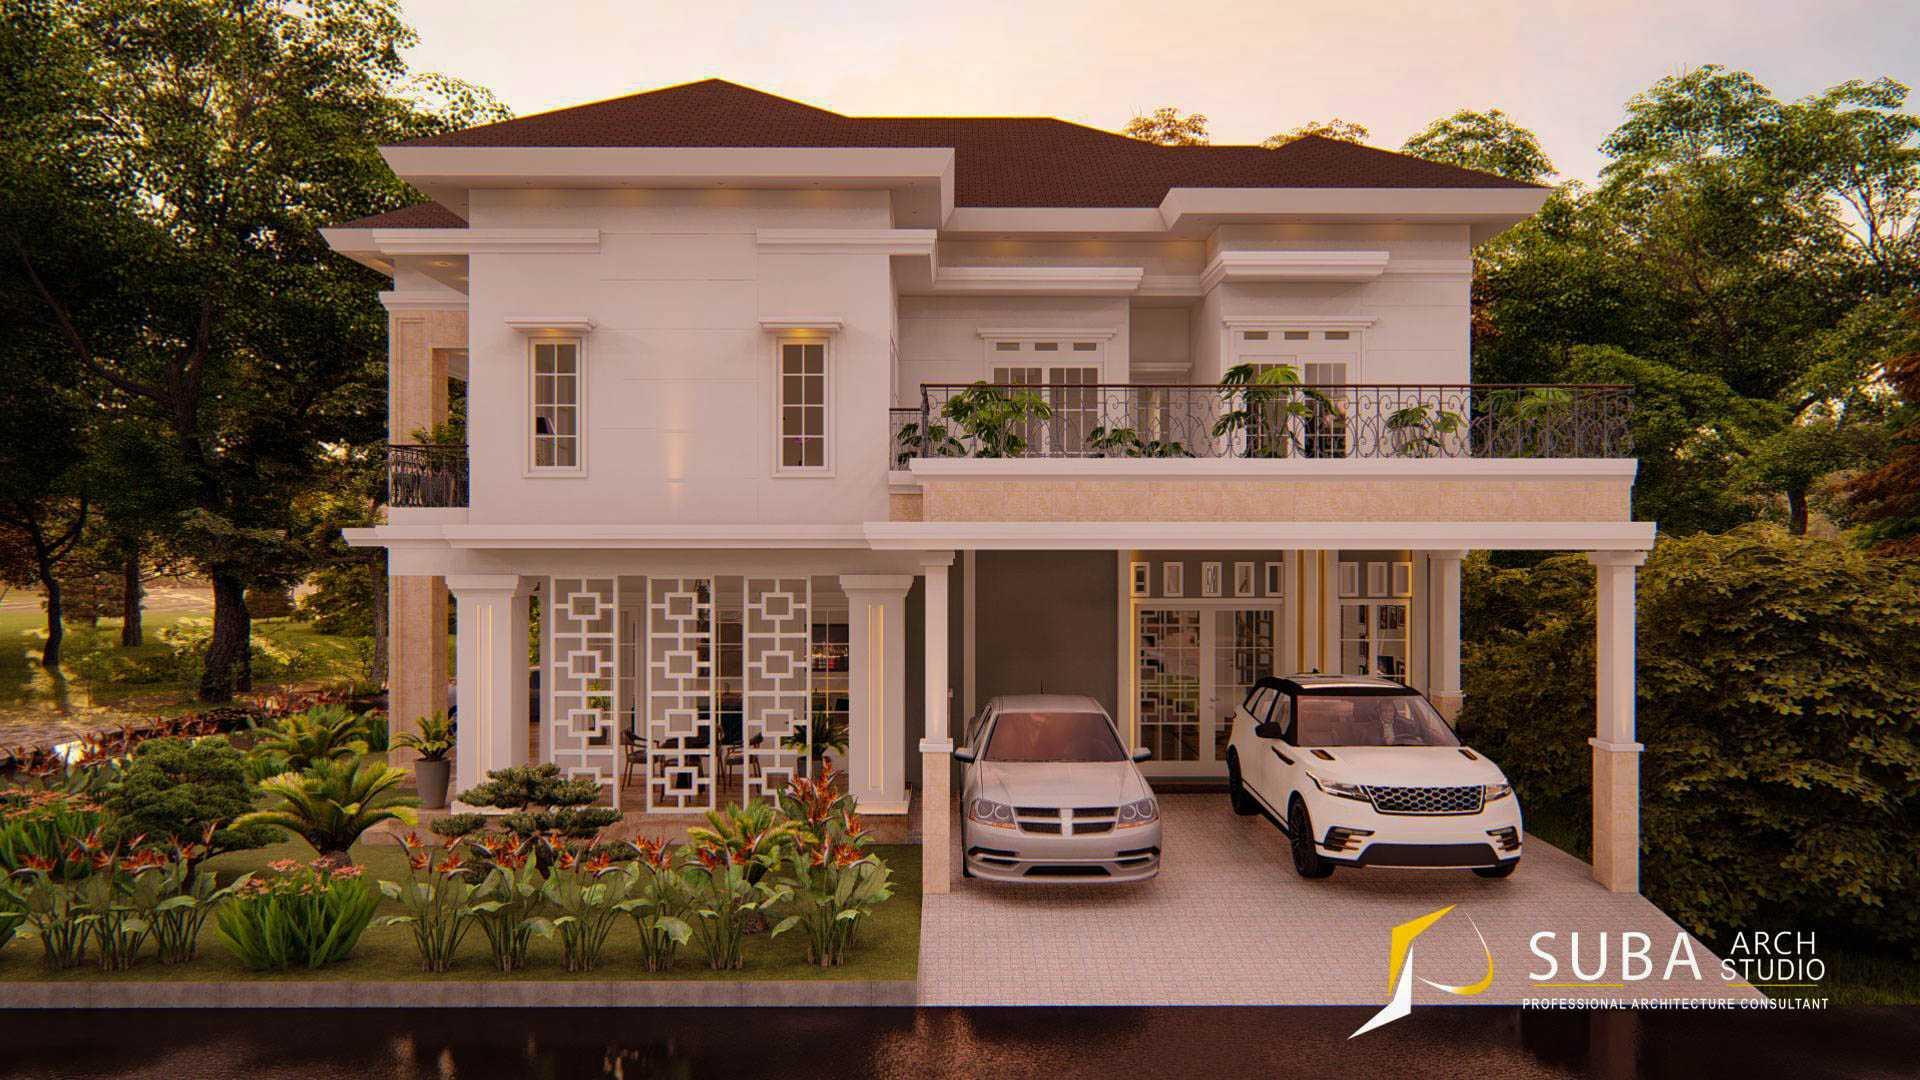 Suba-Arch Desain Rencana Renovasi Rumah Tinggal 2Lt 15 X 13 @bu Iis Bogor, Jawa Barat, Indonesia Bogor, Jawa Barat, Indonesia Suba-Arch-Desain-Rencana-Renovasi-Rumah-Tinggal-2Lt-15-X-13-Bu-Iis  86839